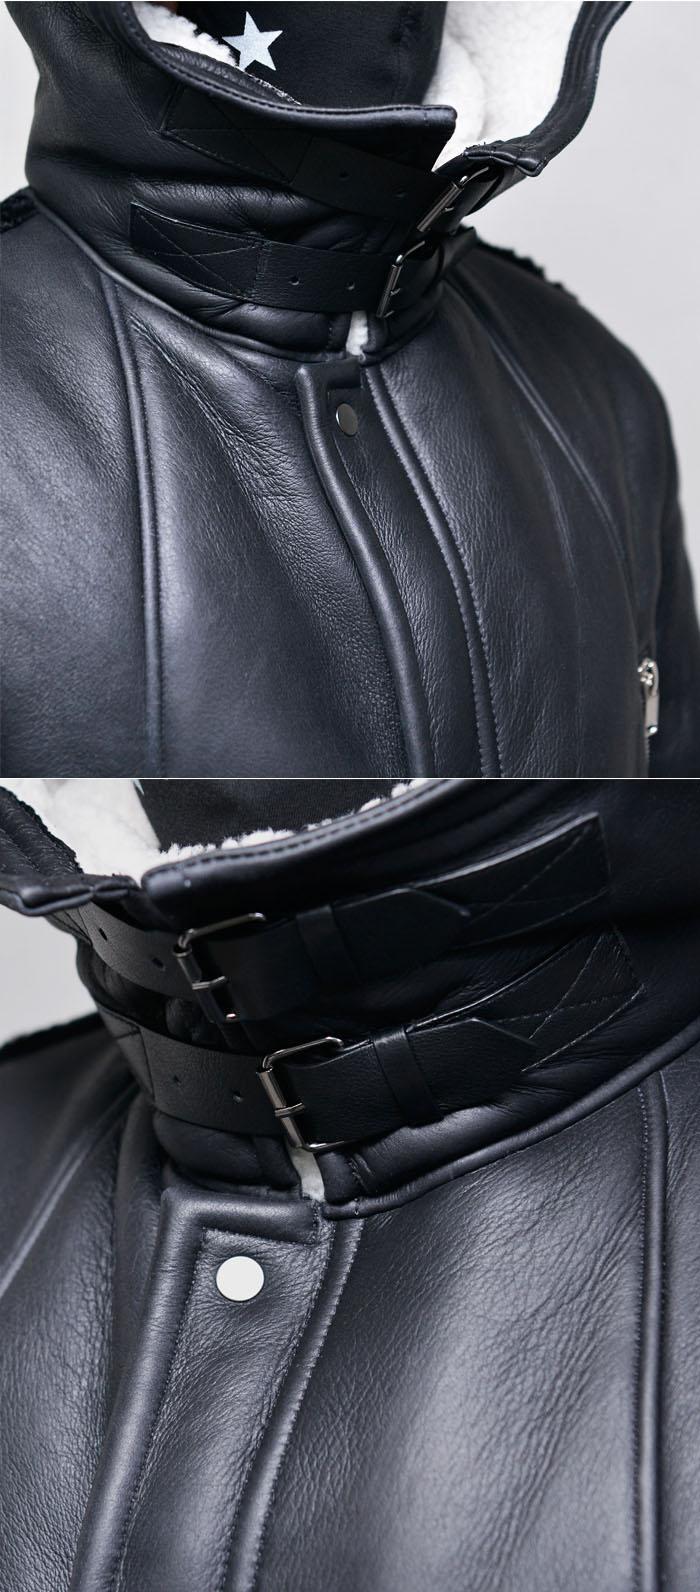 Outerwear Leather Jackets Shearling Lambskin Hooded